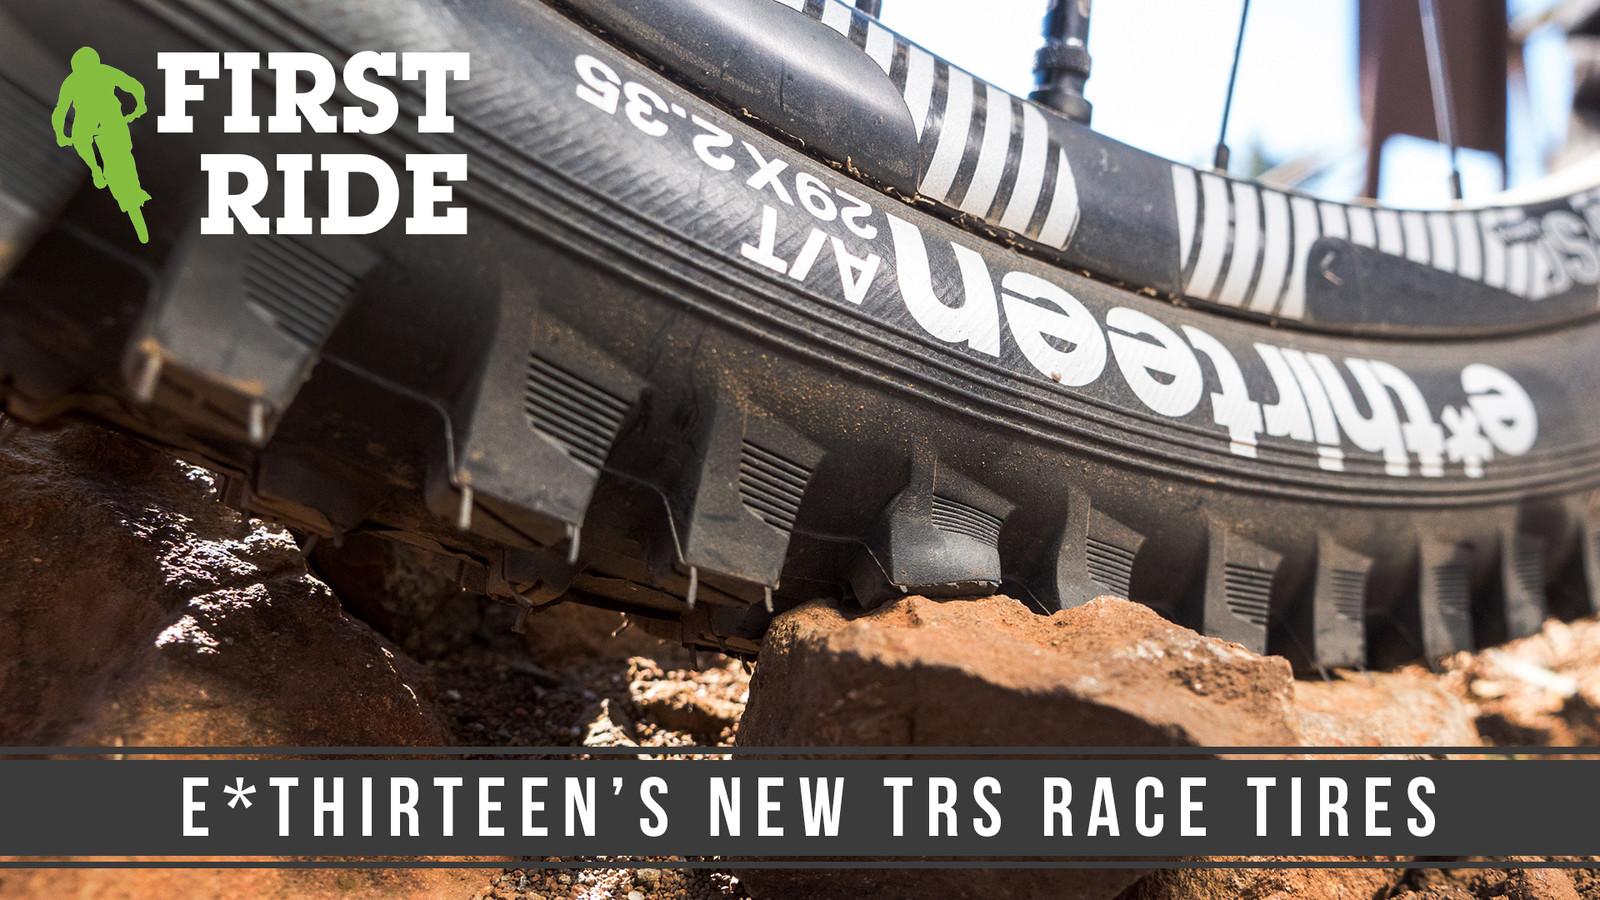 First Look, First Ride: e*thirteen's Reinforced Tires